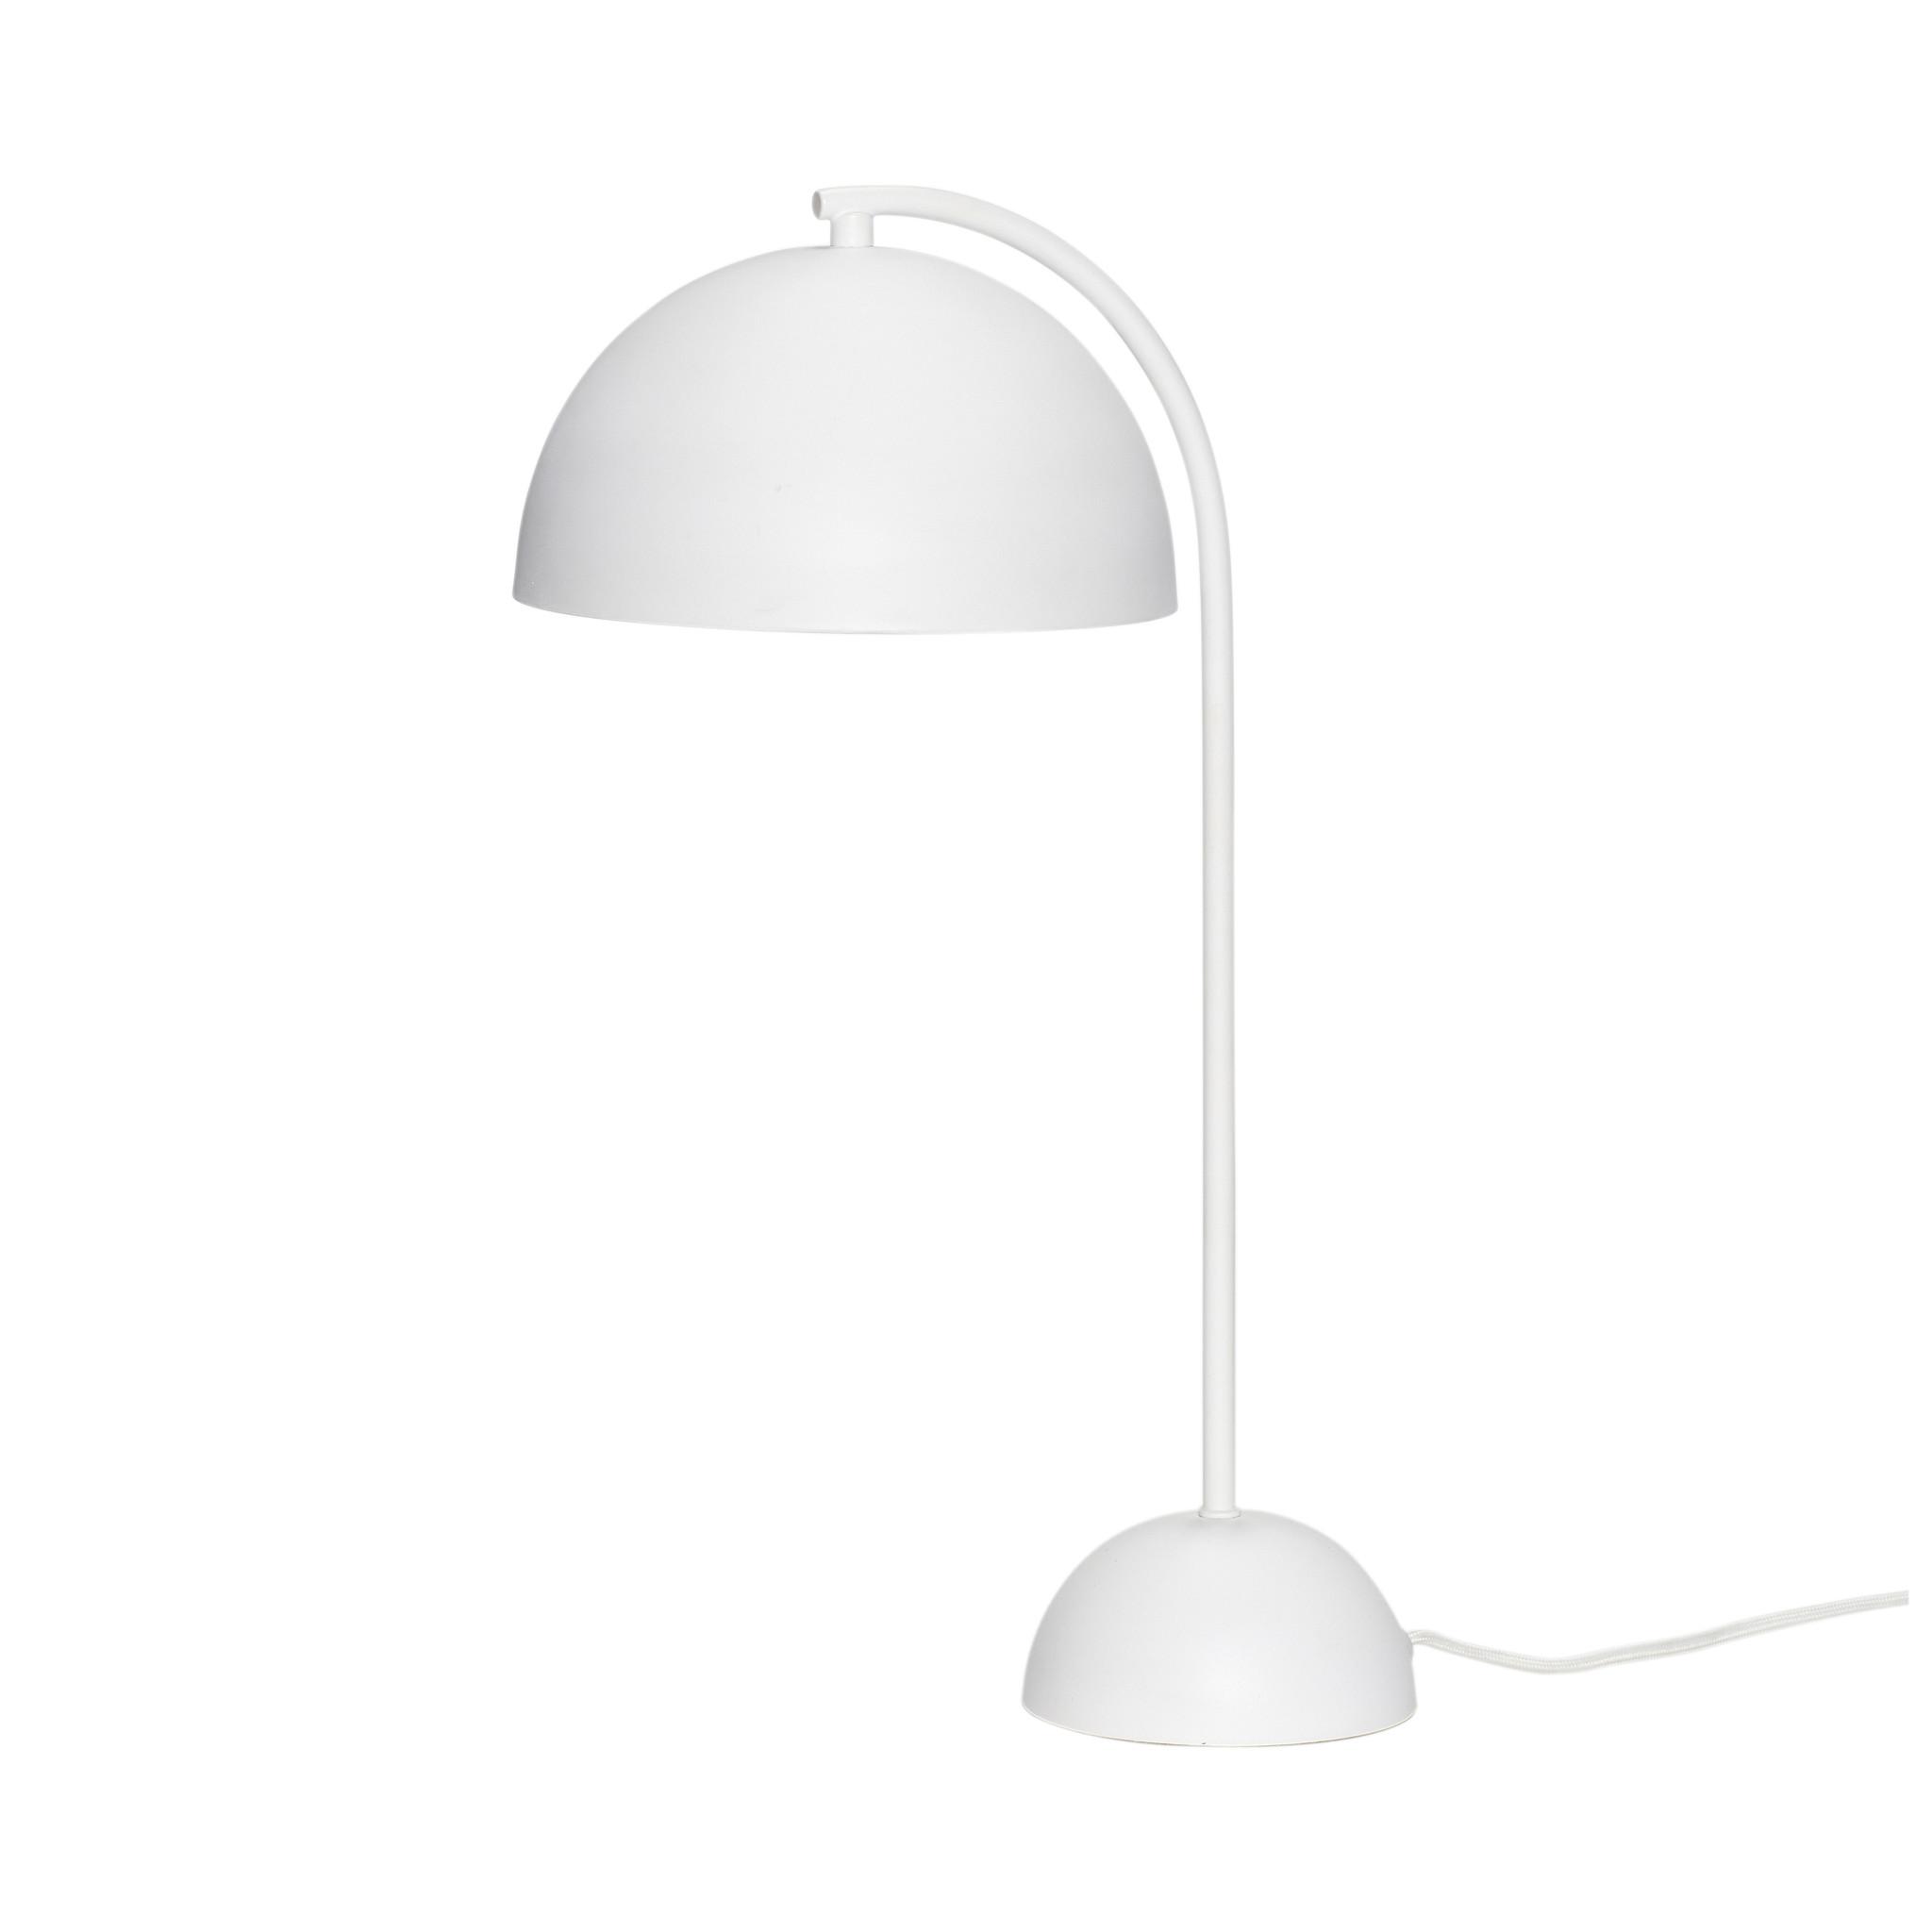 Hubsch Tafellamp, metaal, wit